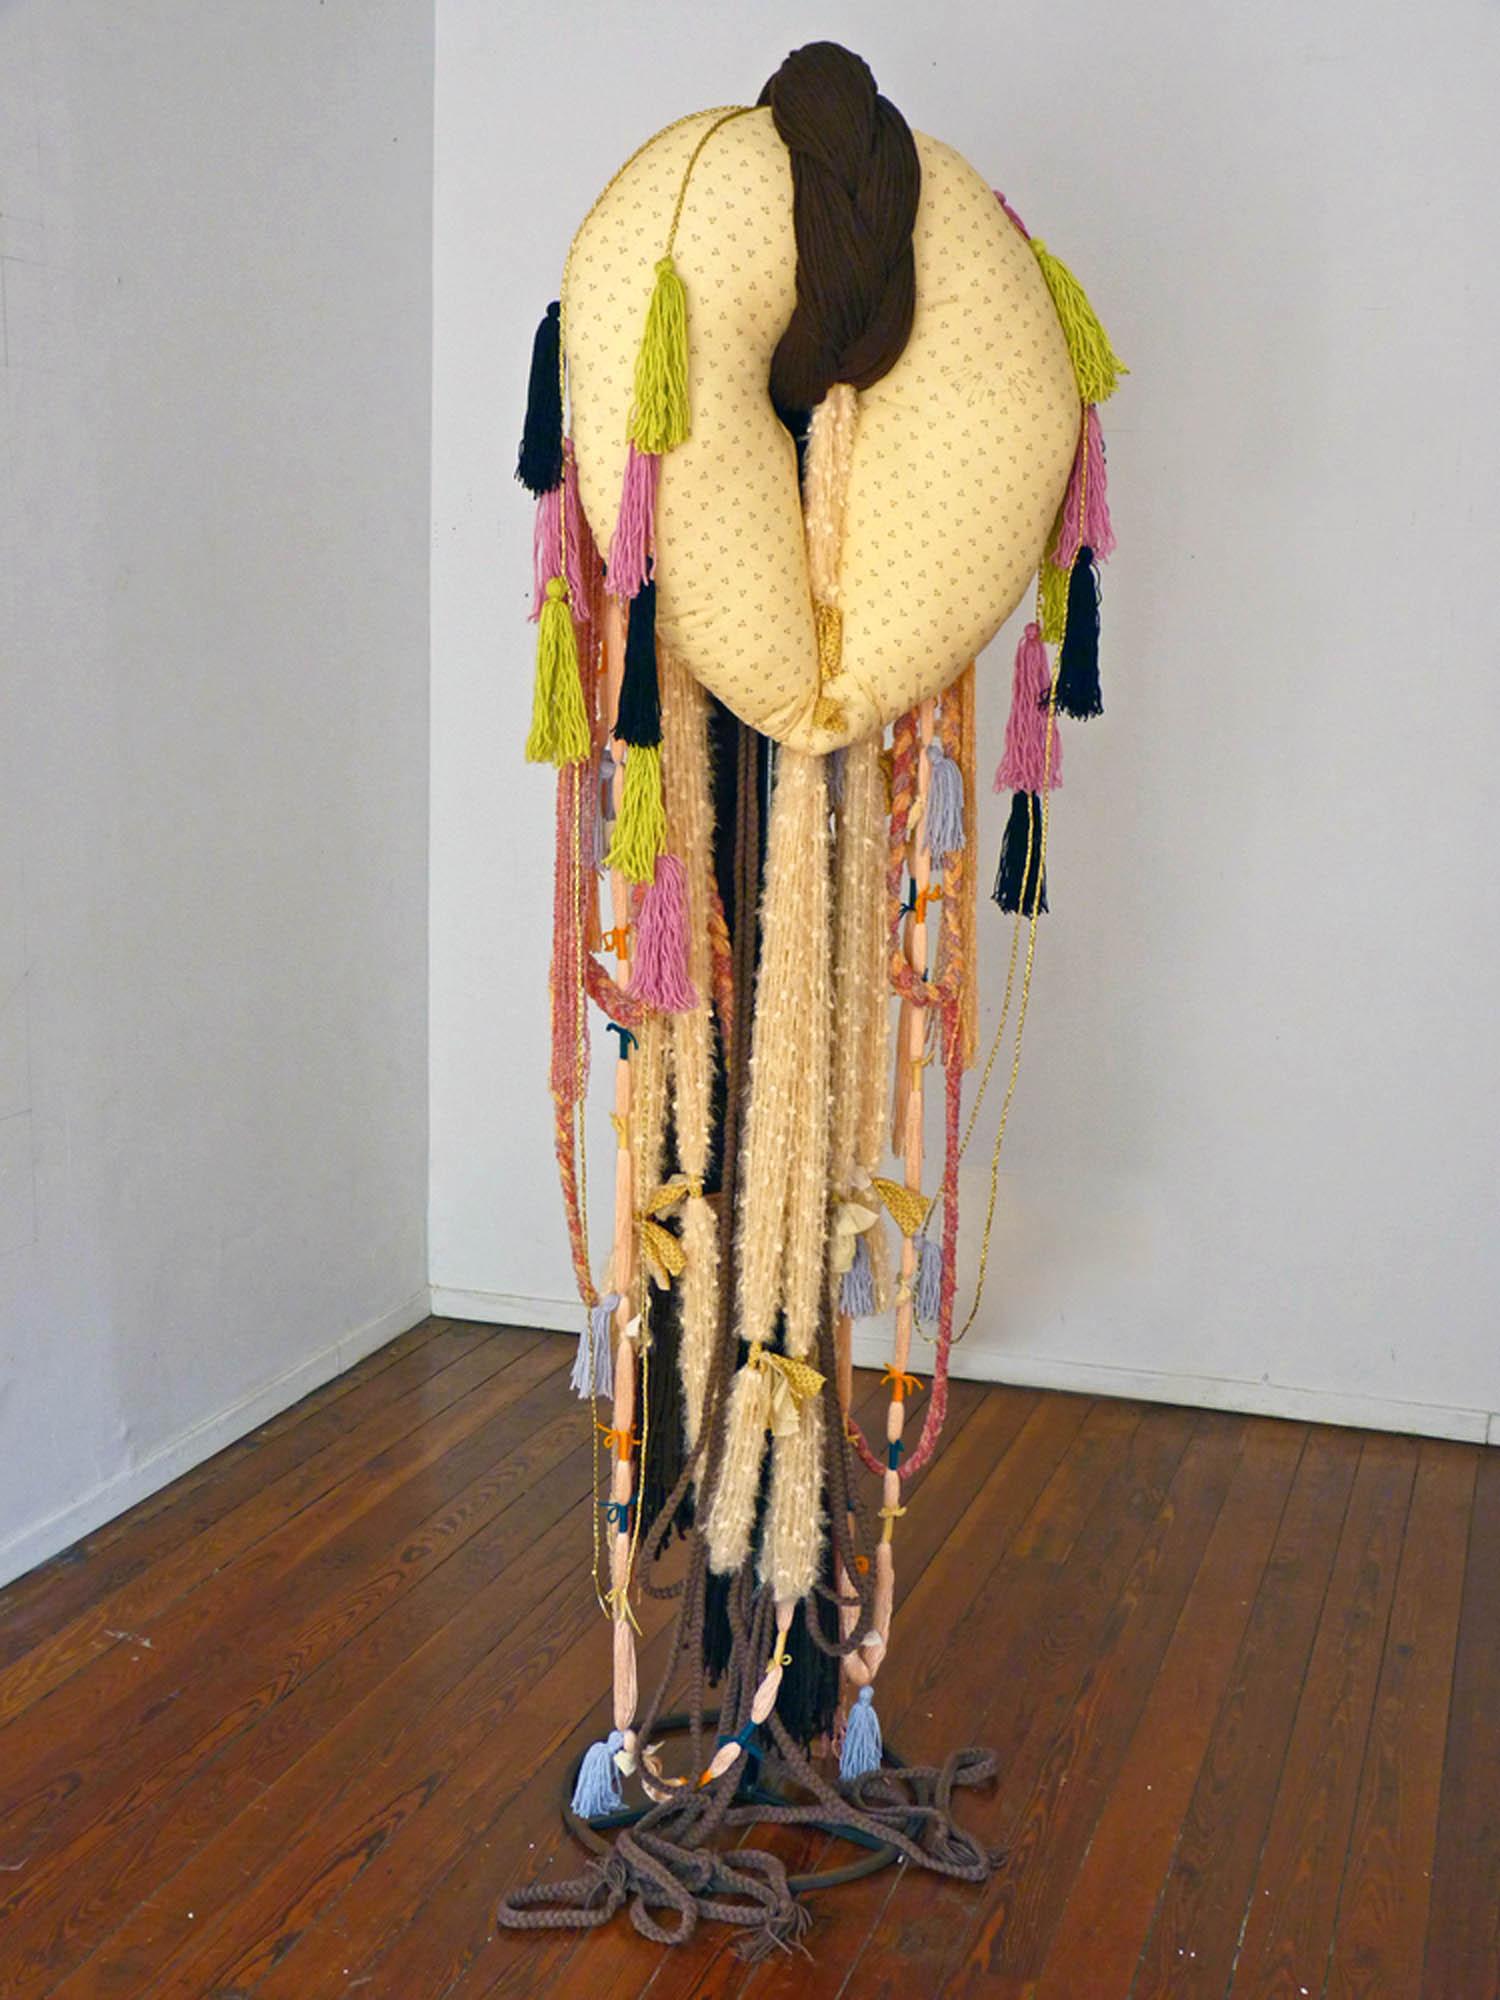 Omega Female, 2012, Acrylic yarn, cotton, steel, 72 x 24 x 24 inches